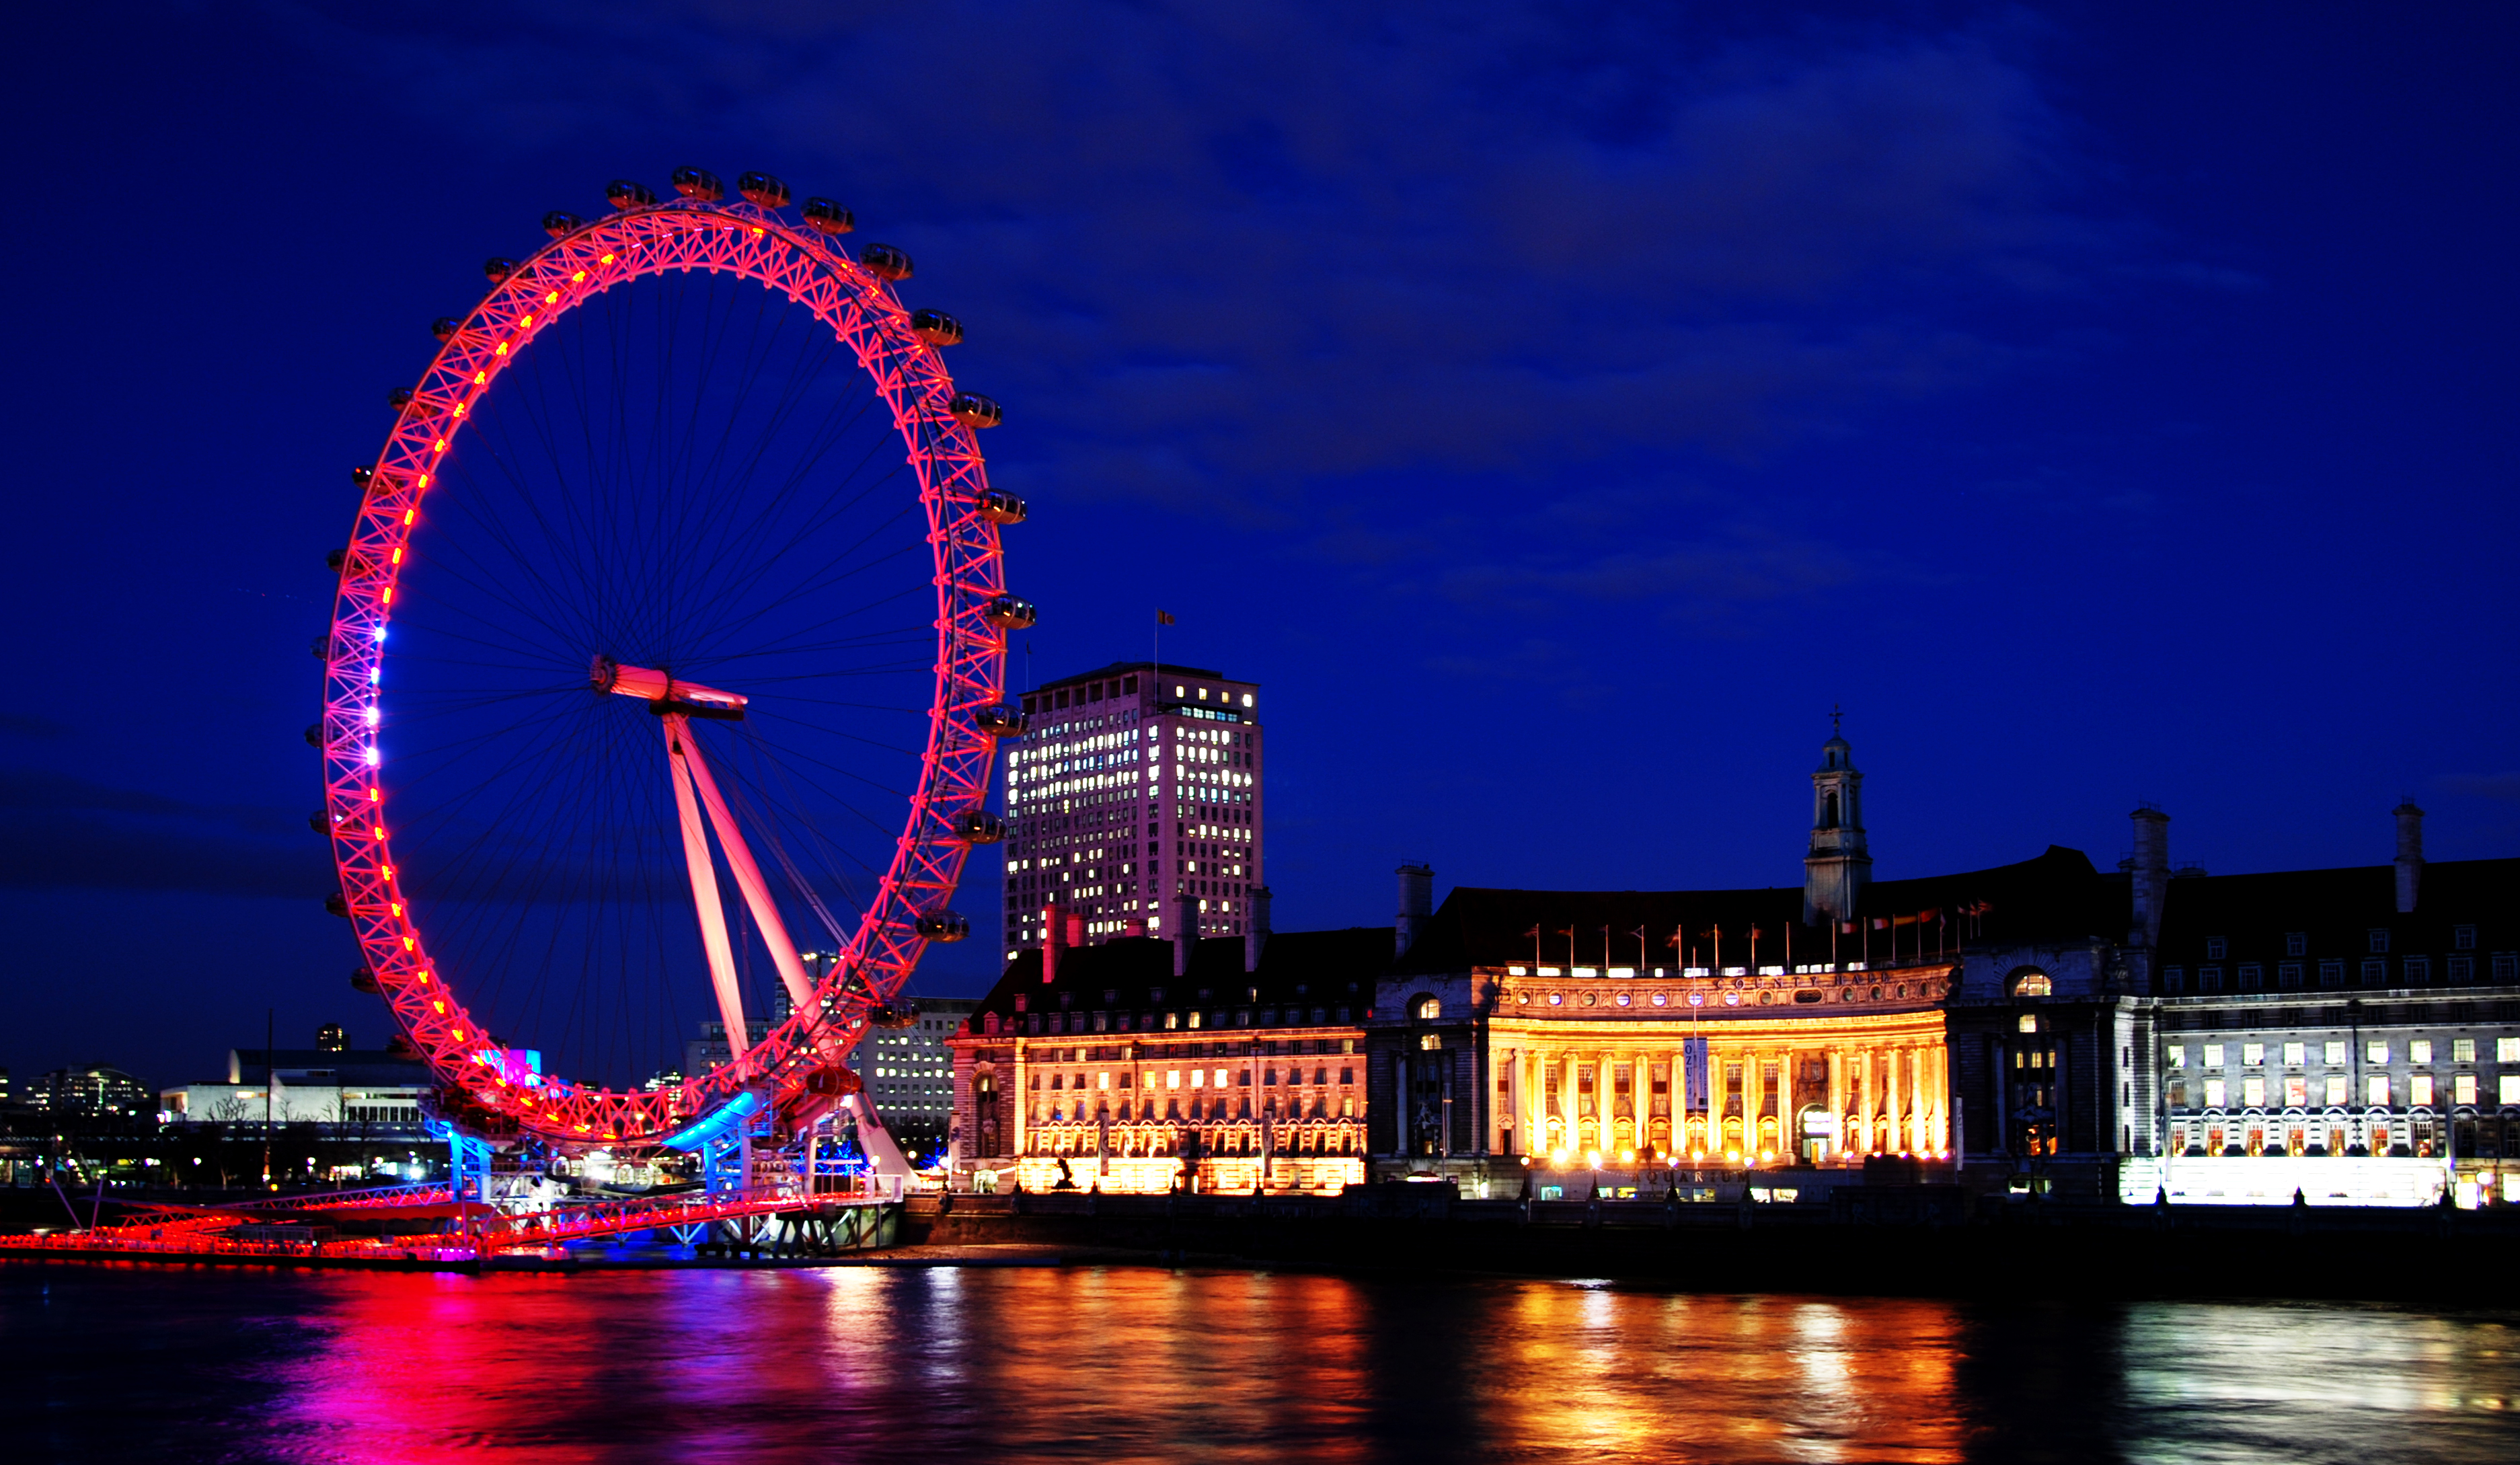 27 london eye - photo #23